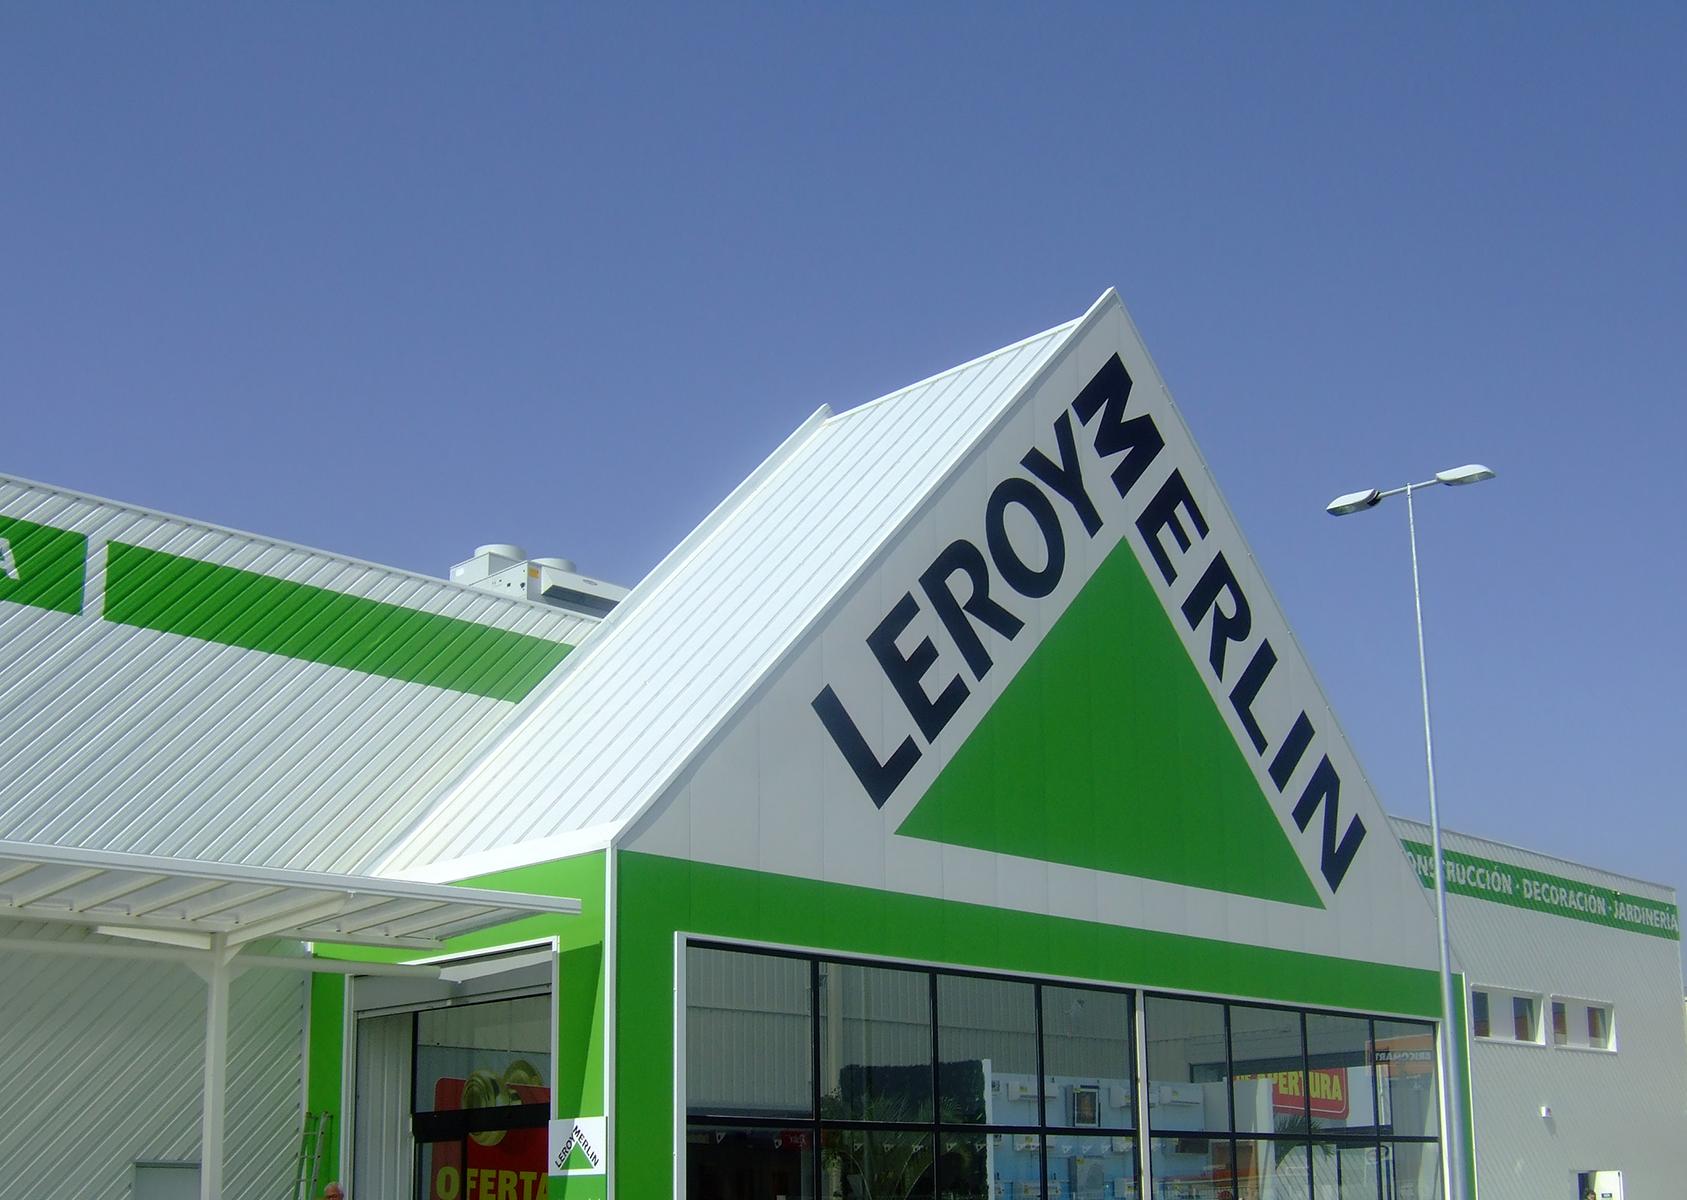 Leroy merlin inc consultoria for Leroy merlin contacto